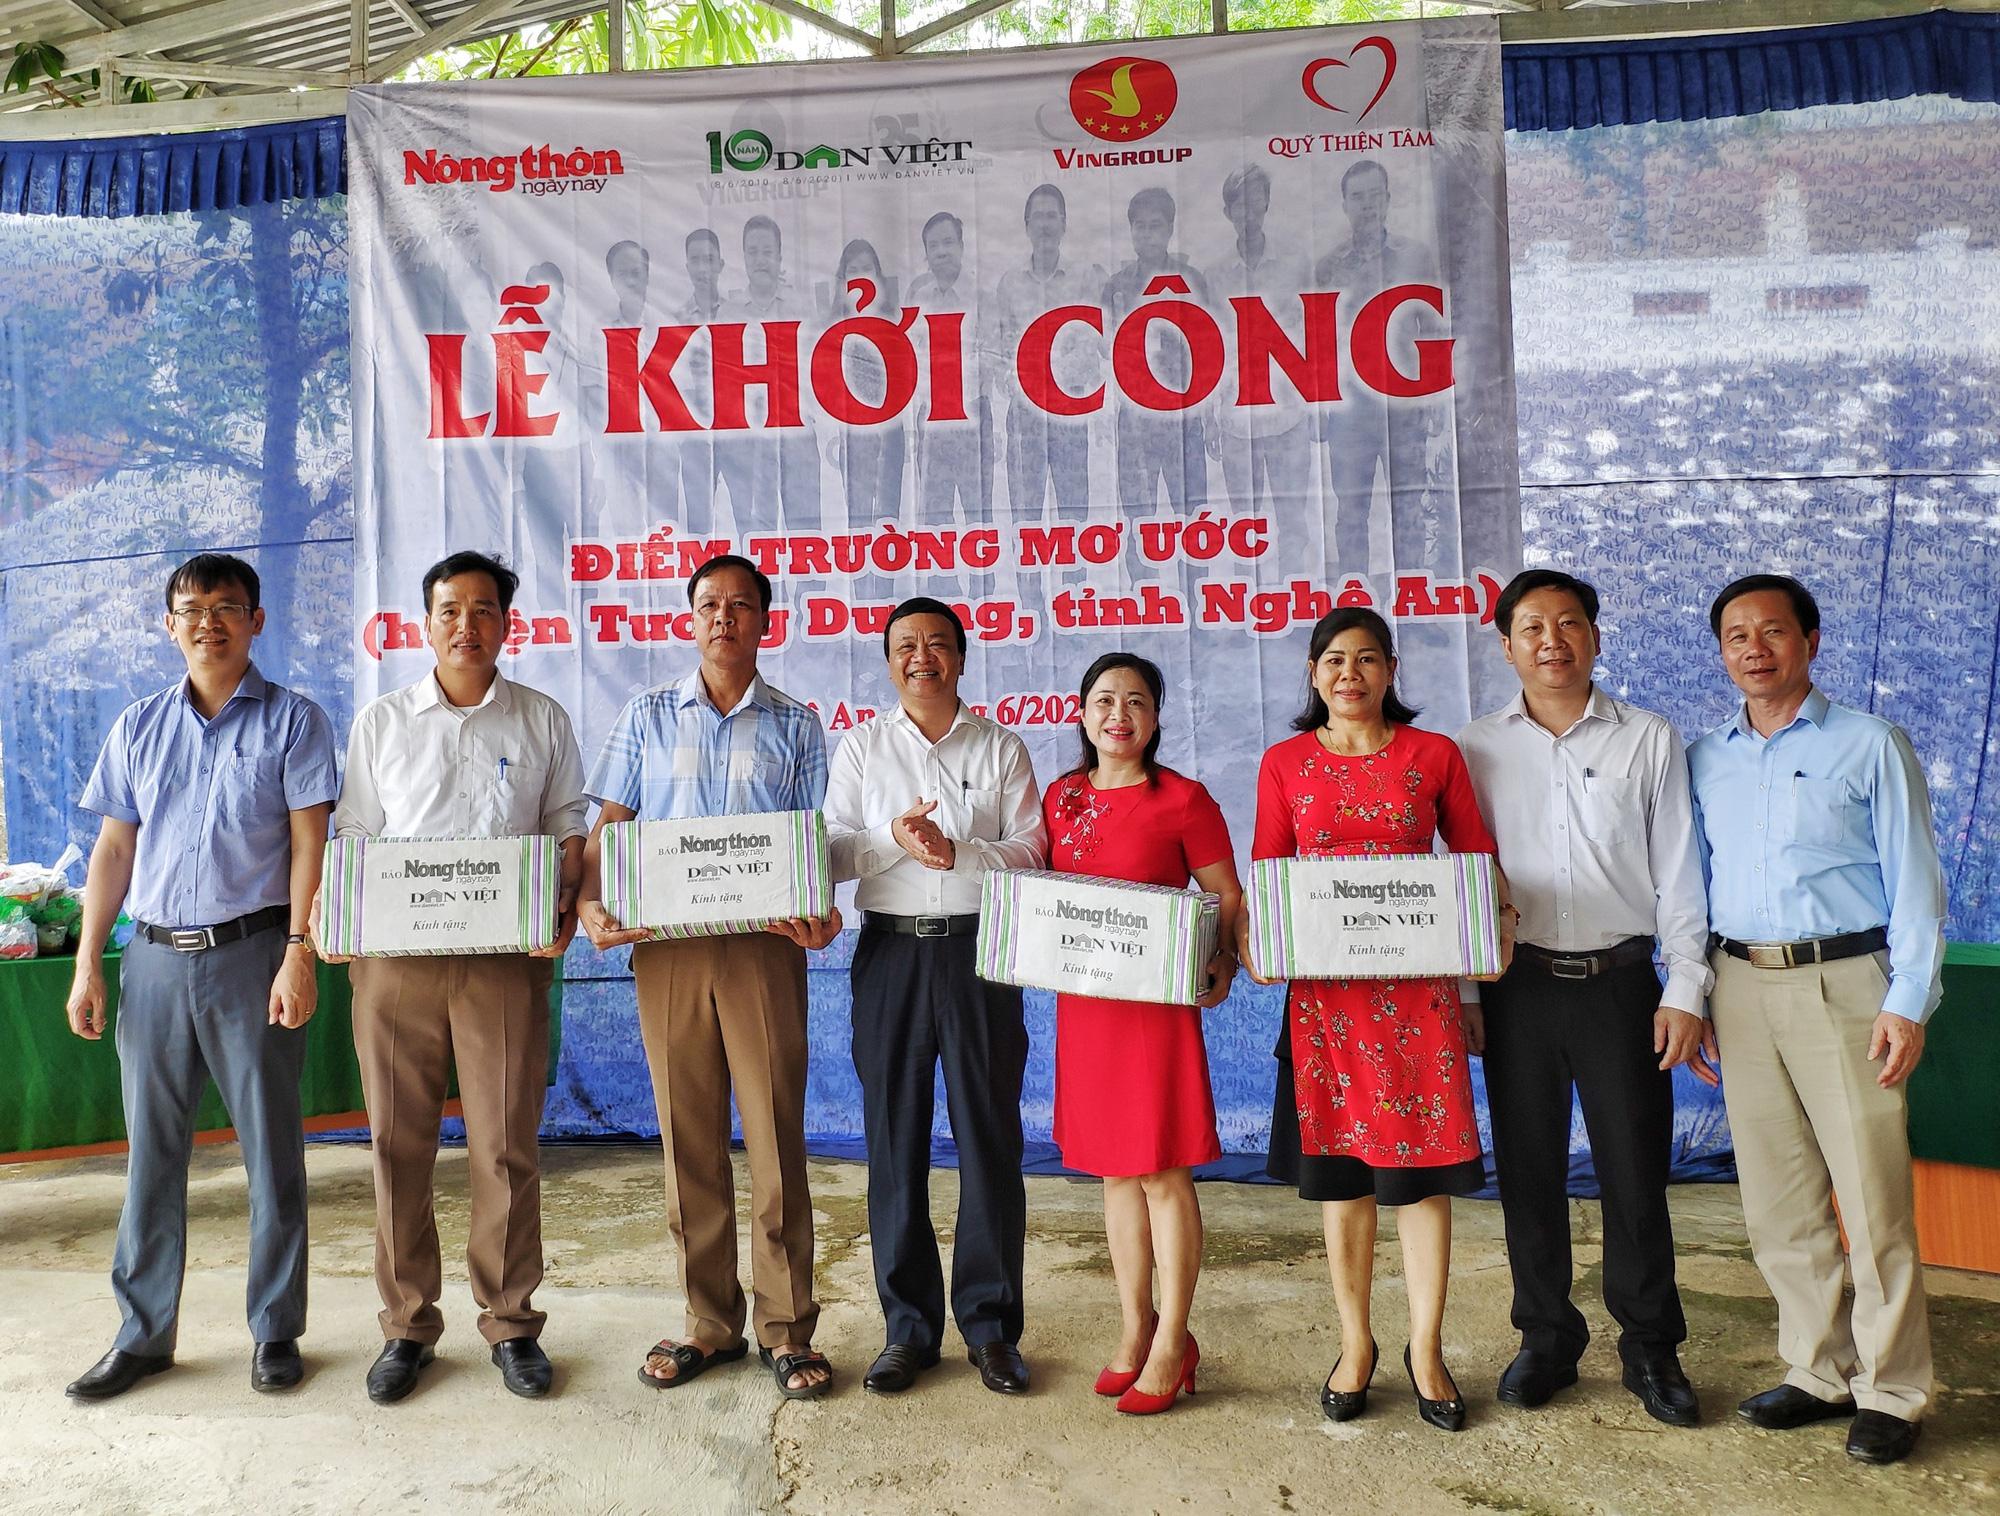 Báo NTNN/Báo Điện tử Dân Việt khởi công điểm trường mơ ước ở Nghệ An  - Ảnh 3.